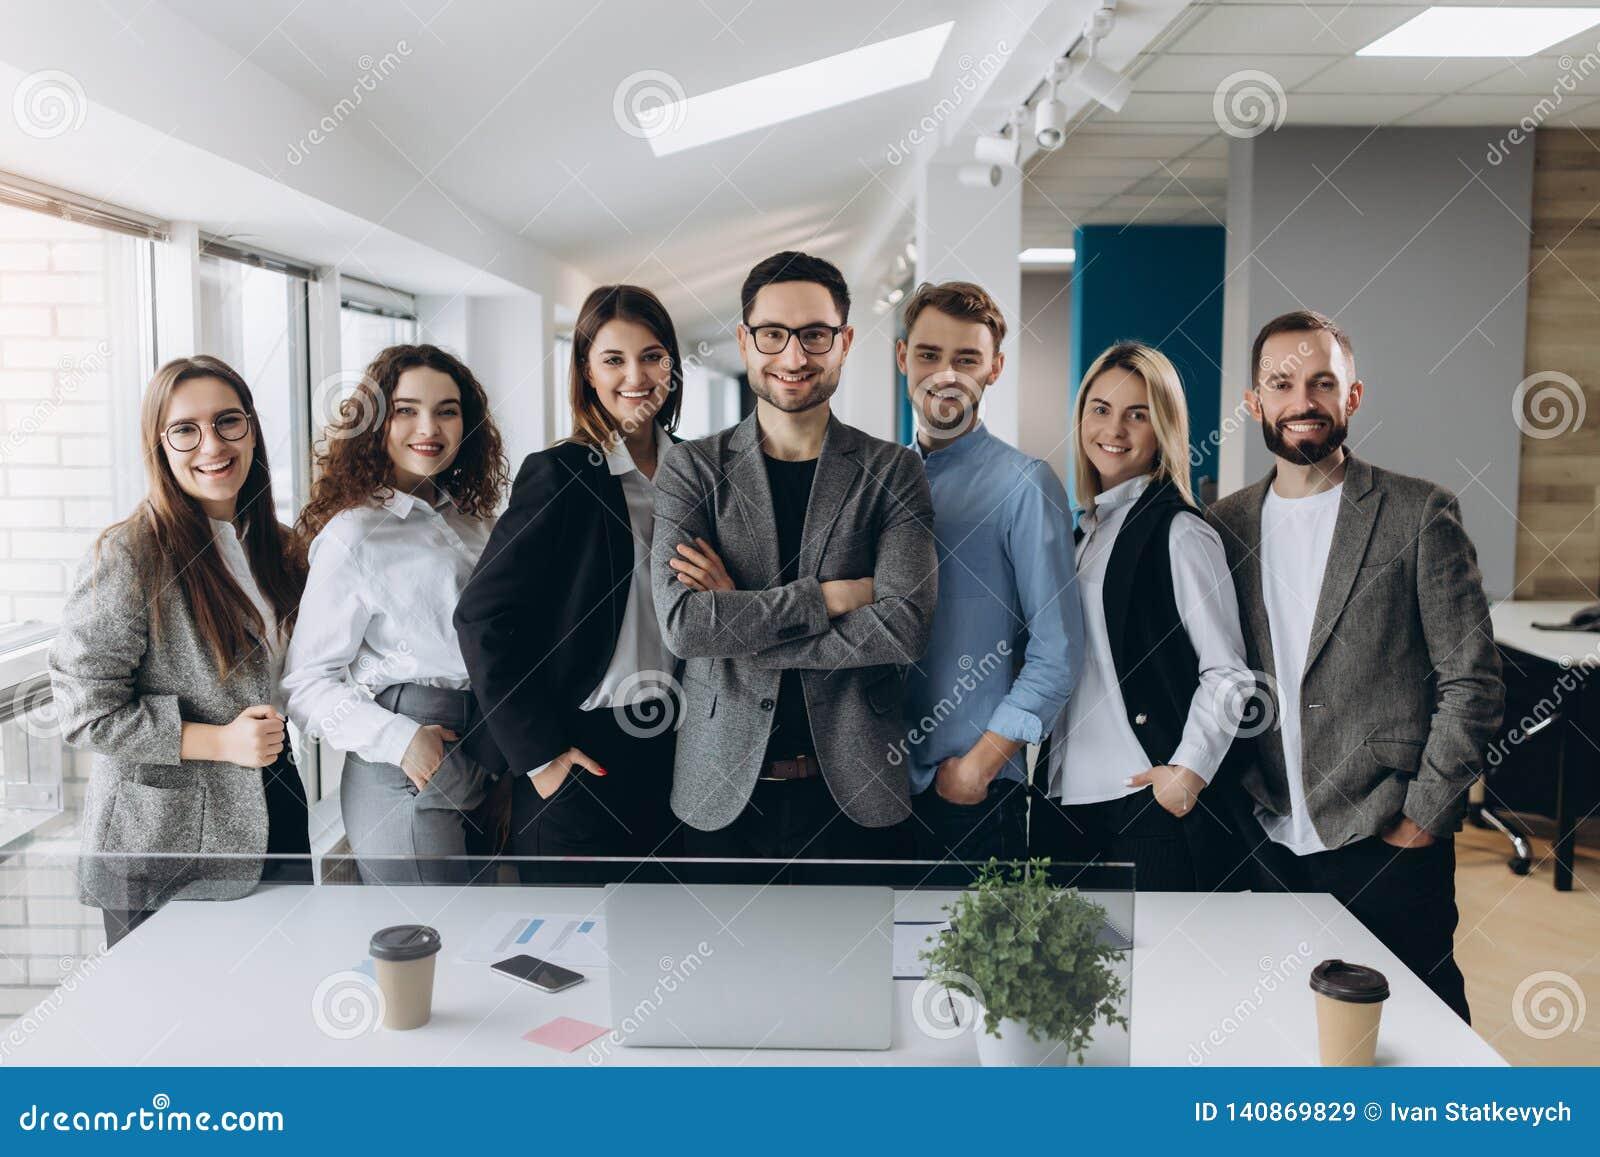 Портрет усмехаясь группы в составе разнообразные корпоративные коллеги стоя в ряд совместно в ярком современном офисе